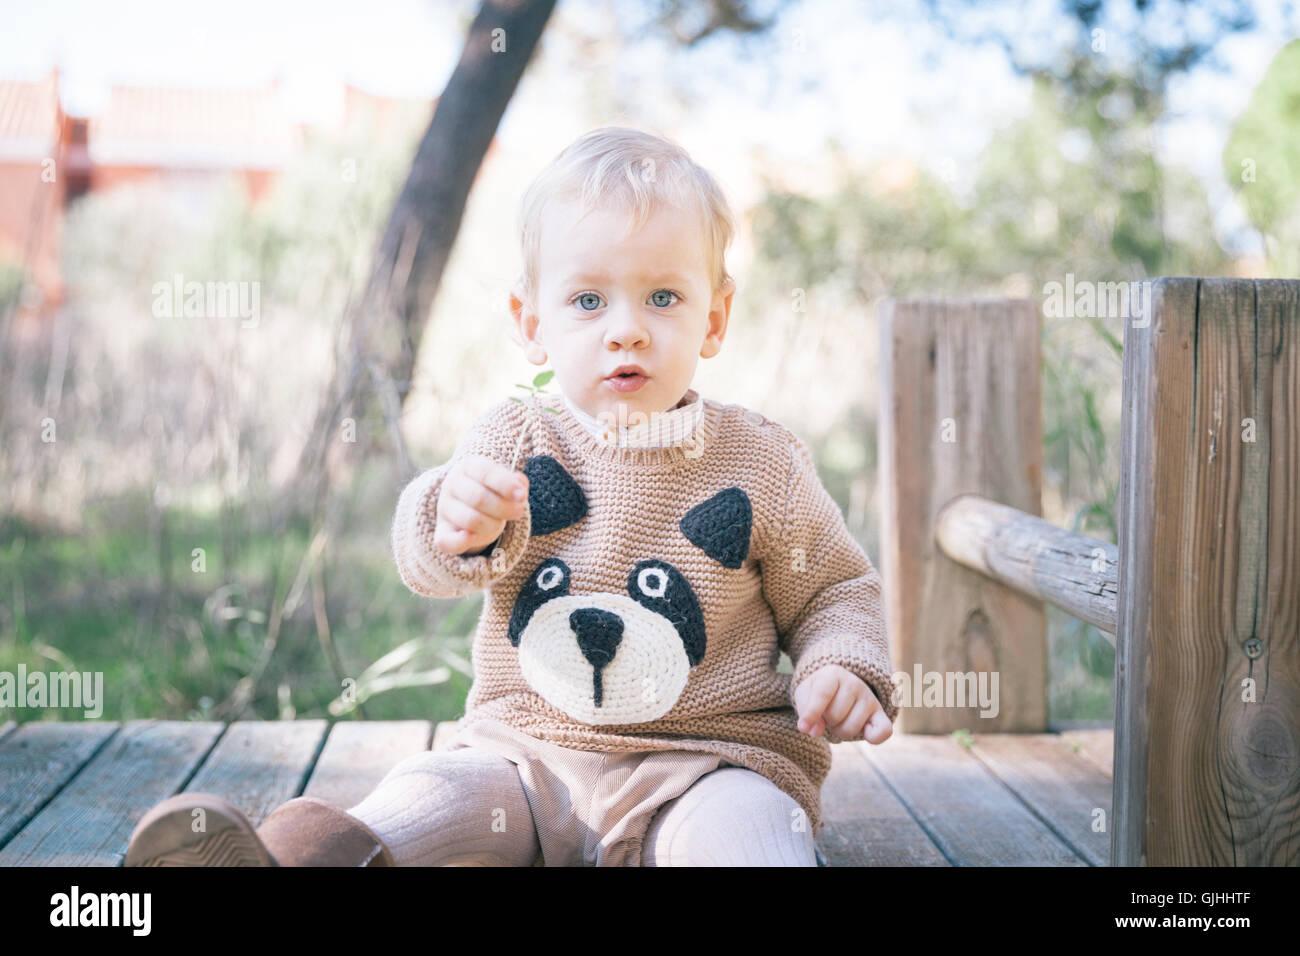 Junge sitzt auf Bauwerke in Spielplatz Stockfoto